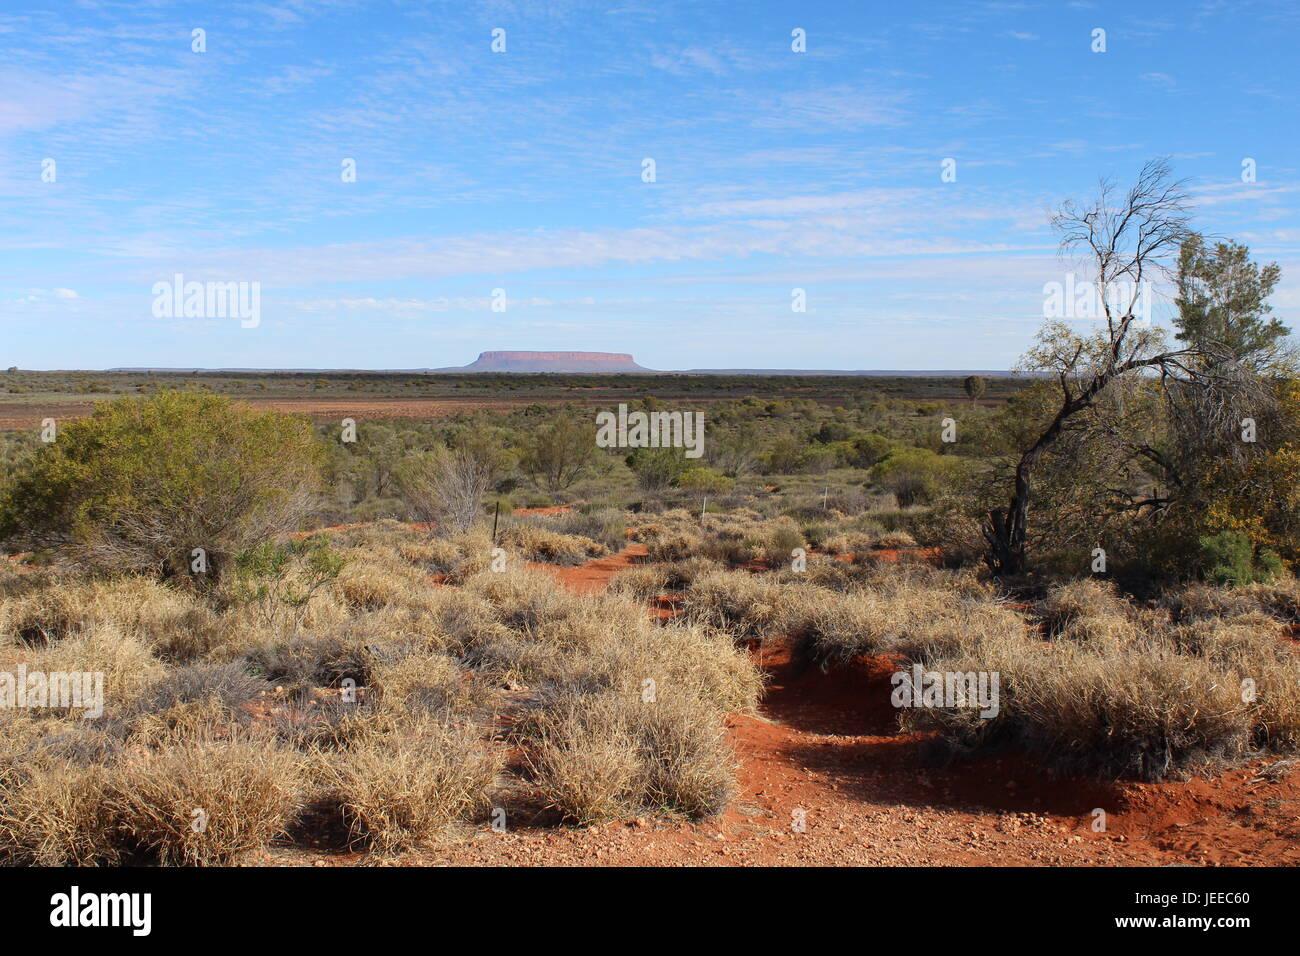 Ein Blick aus einiger Entfernung auf Mount Conner im Outback des Northern Territory in Australien Stockfoto